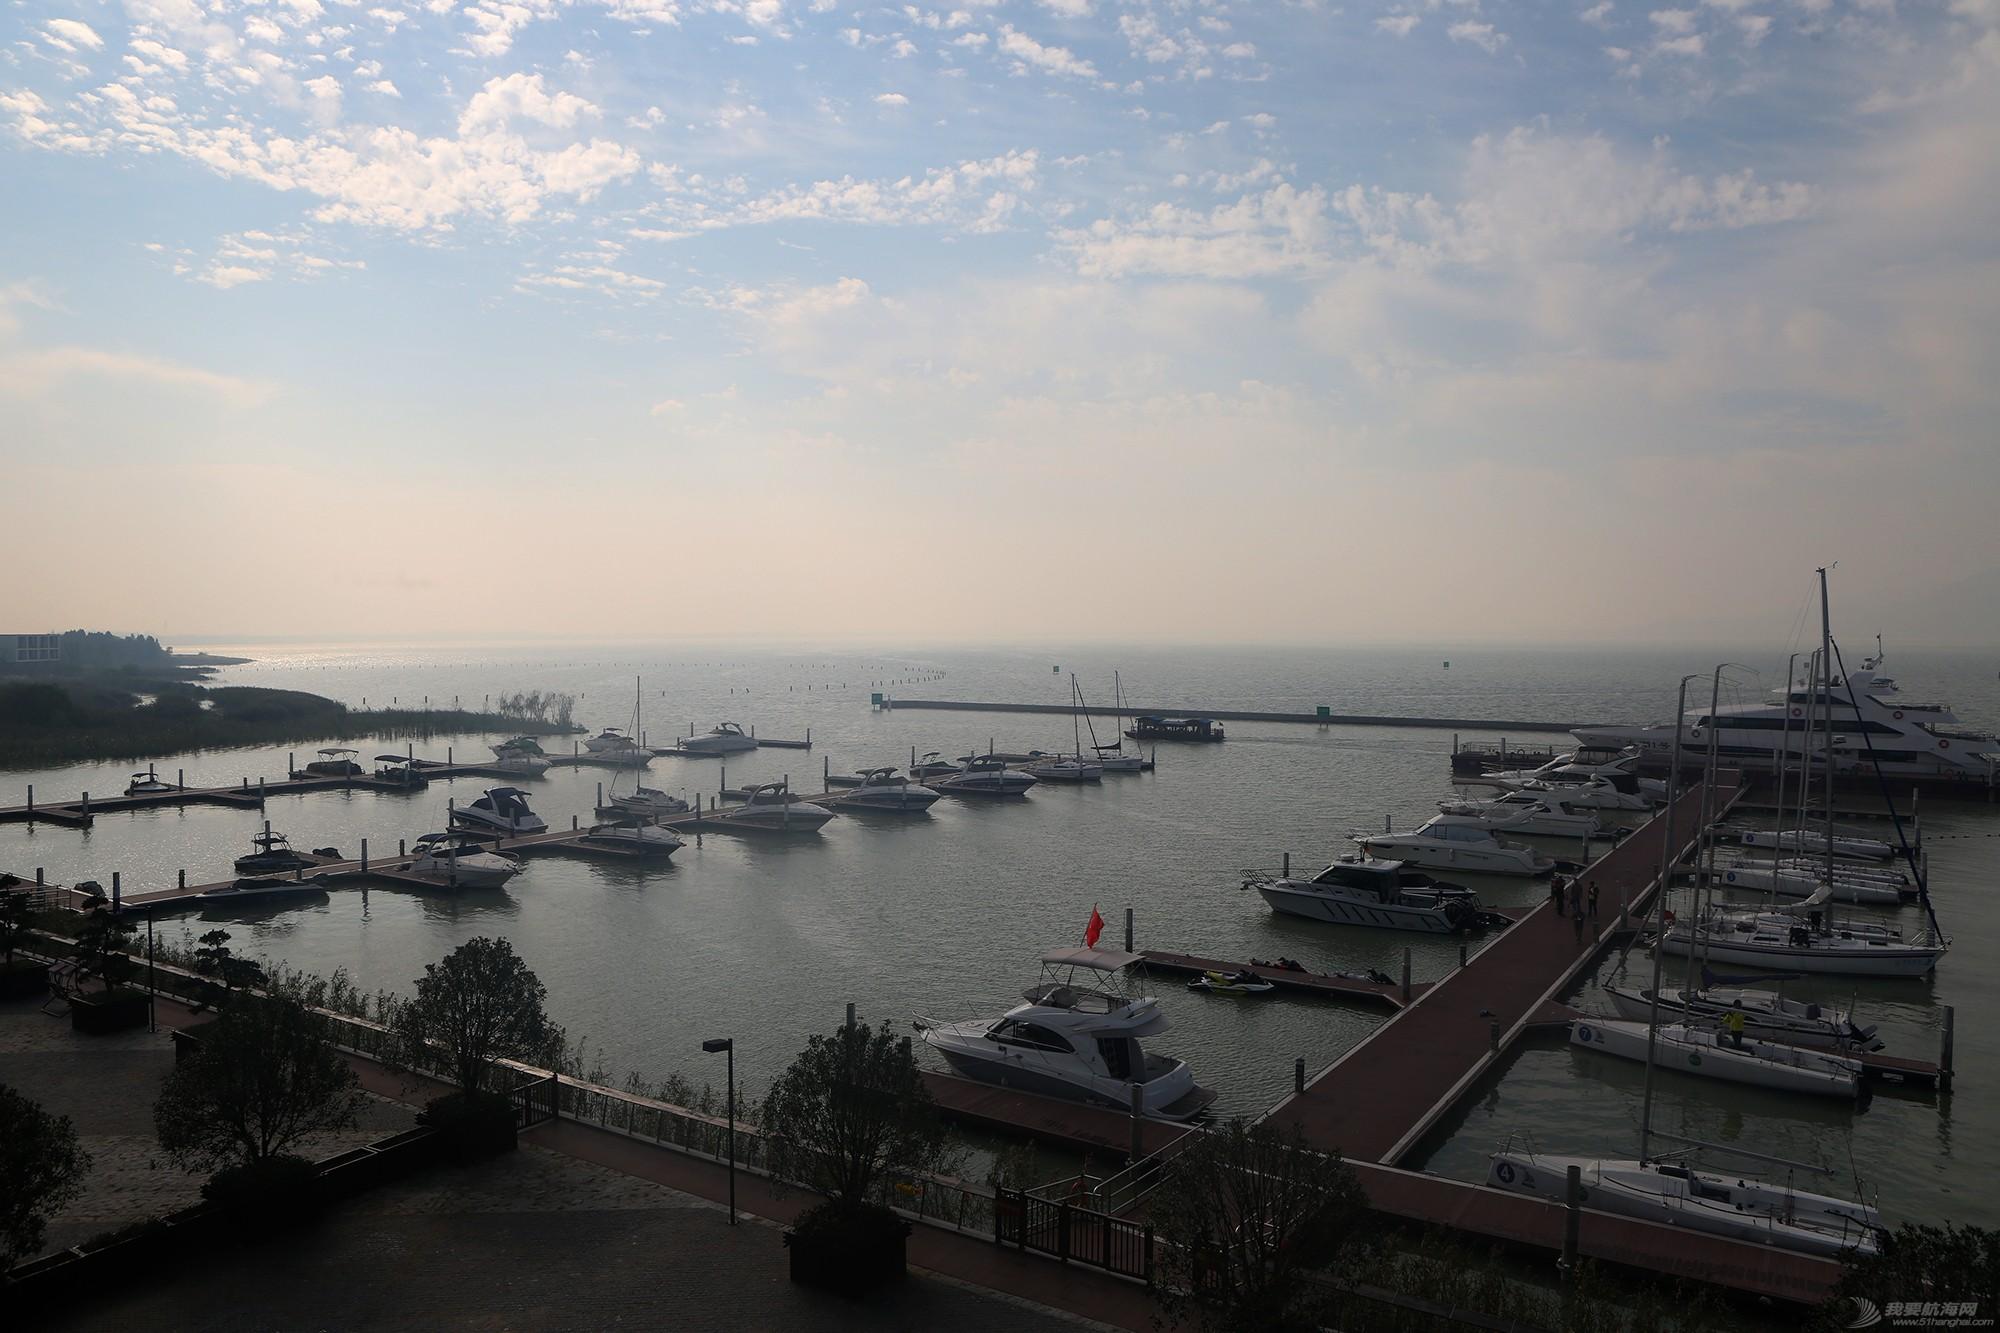 俱乐部,总经理 我要航海网专访菱湖湾游艇俱乐部凌黎总经理 5V8A7096.JPG